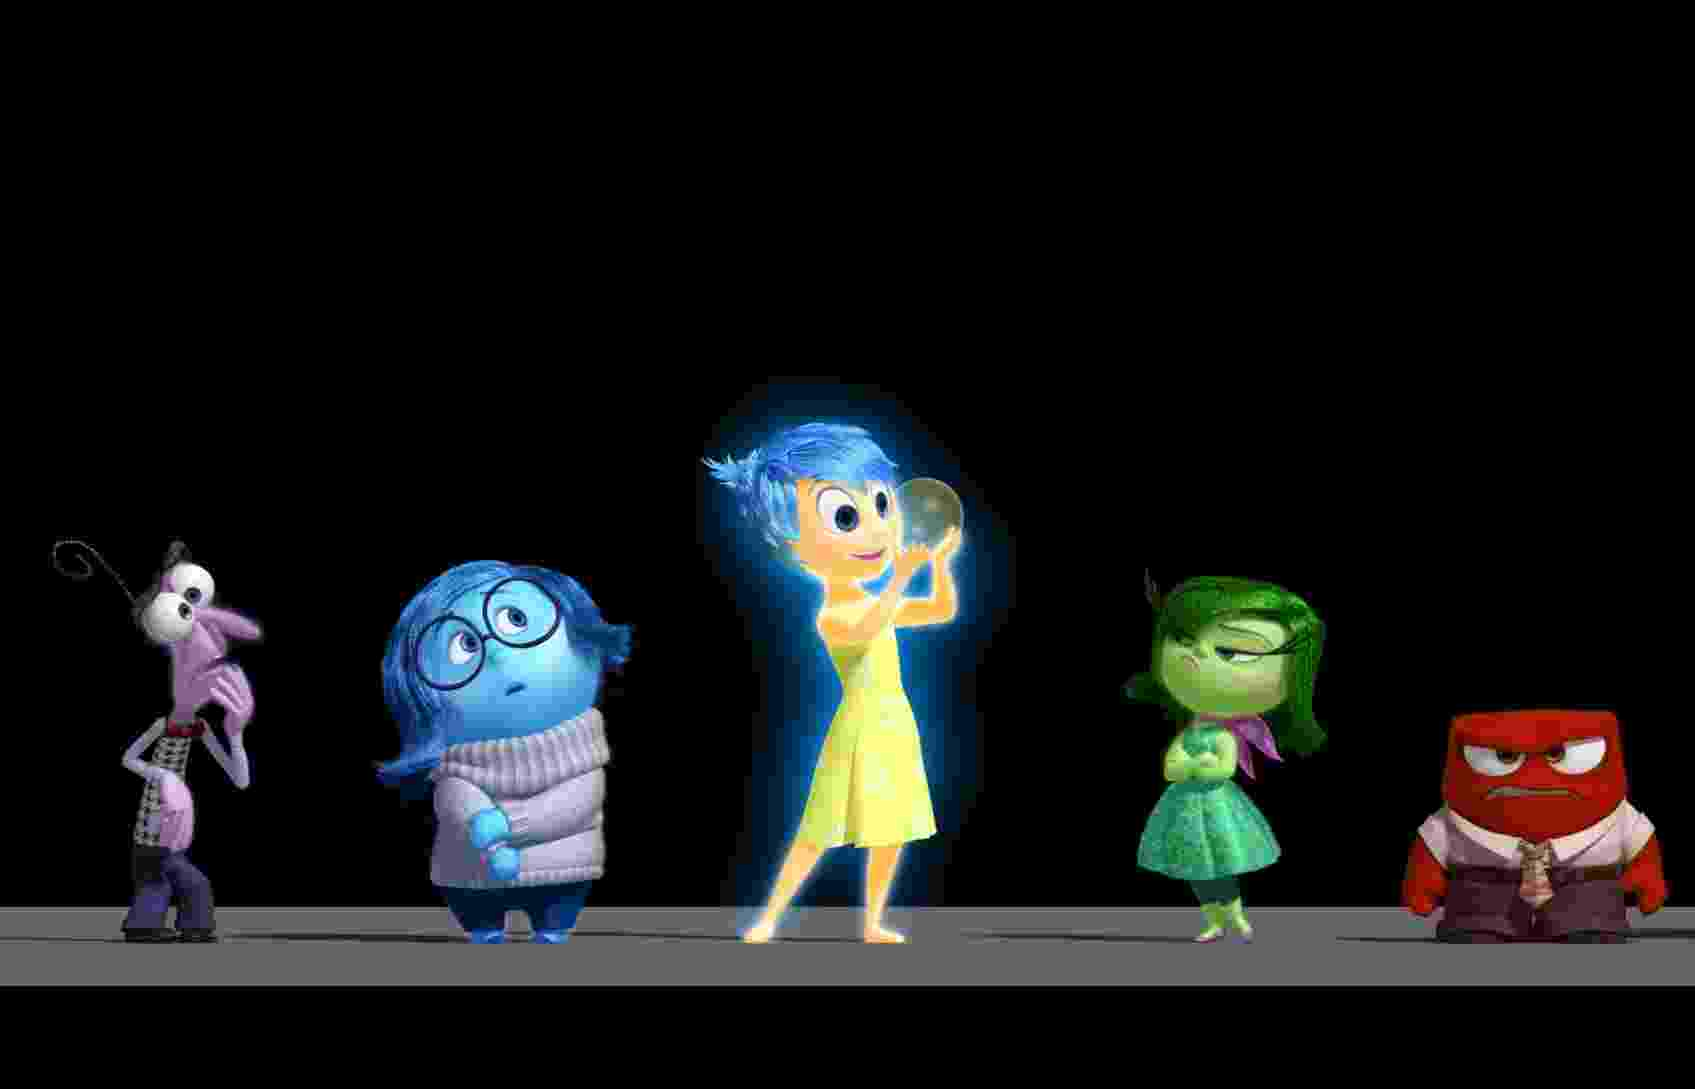 """Imagens de divulgação de """"Inside Out"""", nova animação da Pixar que estreia em junho de 2015 - Divulgação/Pixar"""